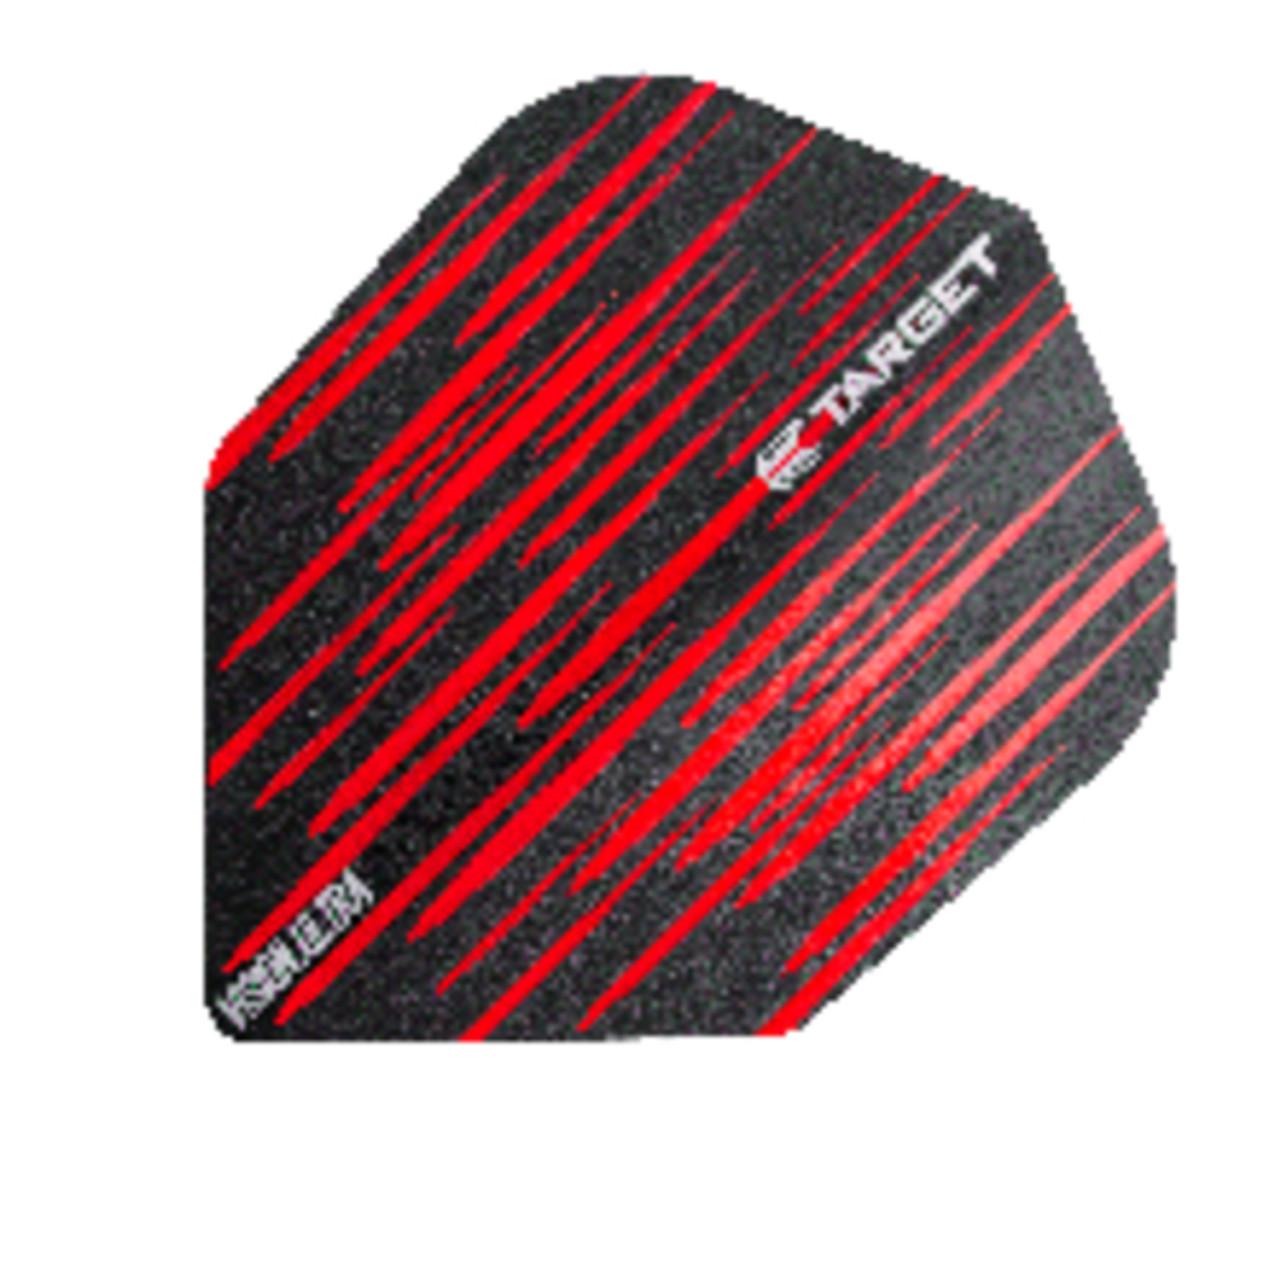 TARGET VISION ULTRA NO6 SPECTRUM RED STANDARD SHAPE FLIGHTS